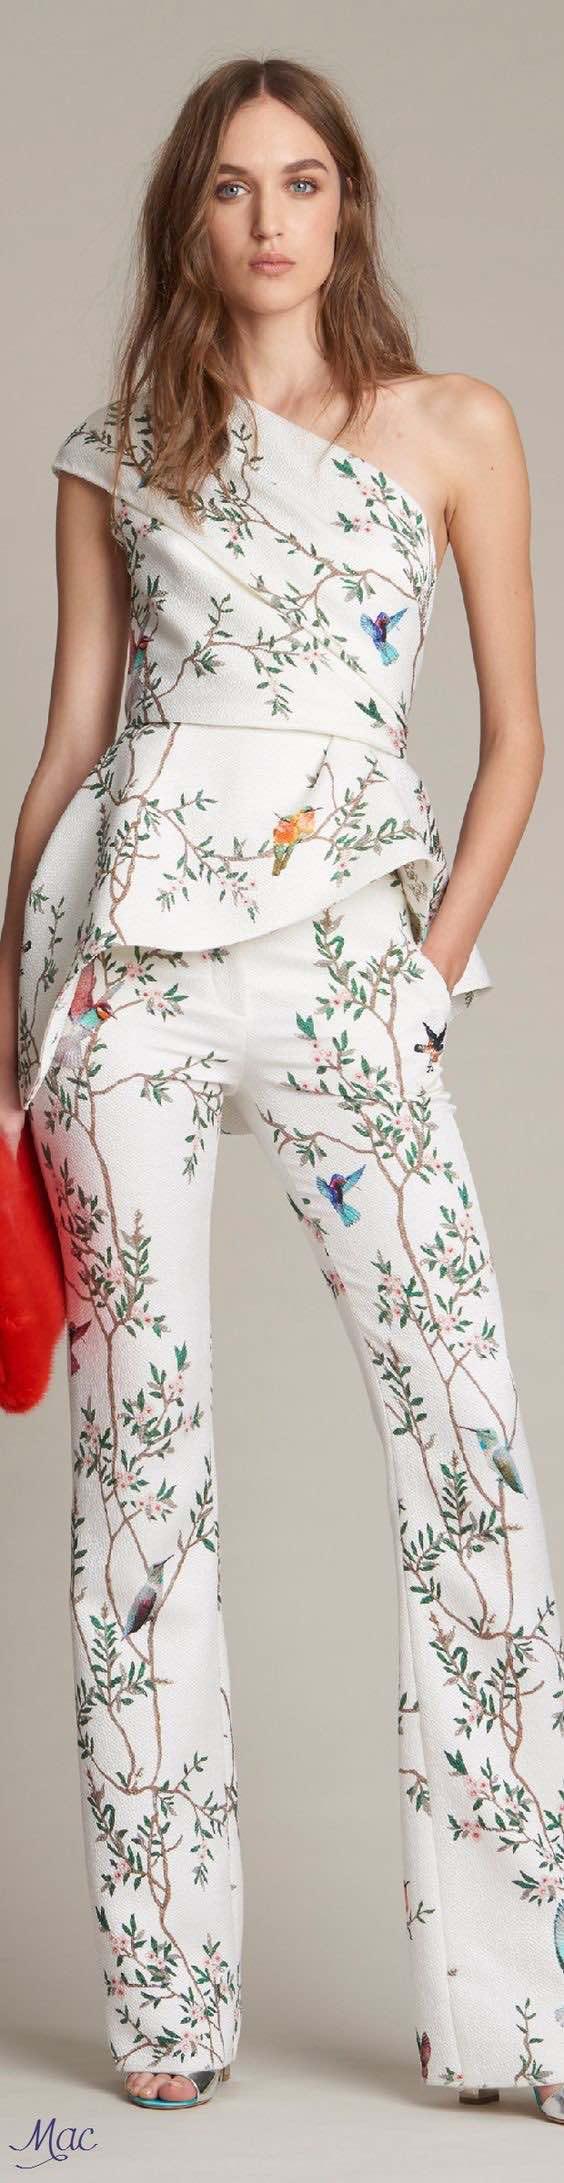 Monique Lhuillier. Para aquellas que van aún un paso más, no todo es blanco en los vestidos de novias con pantalones 2016-2017. Vemos también propuestas en rosa pálido con detalles dorados, amarillo sutil y hasta diseños con prints florales.